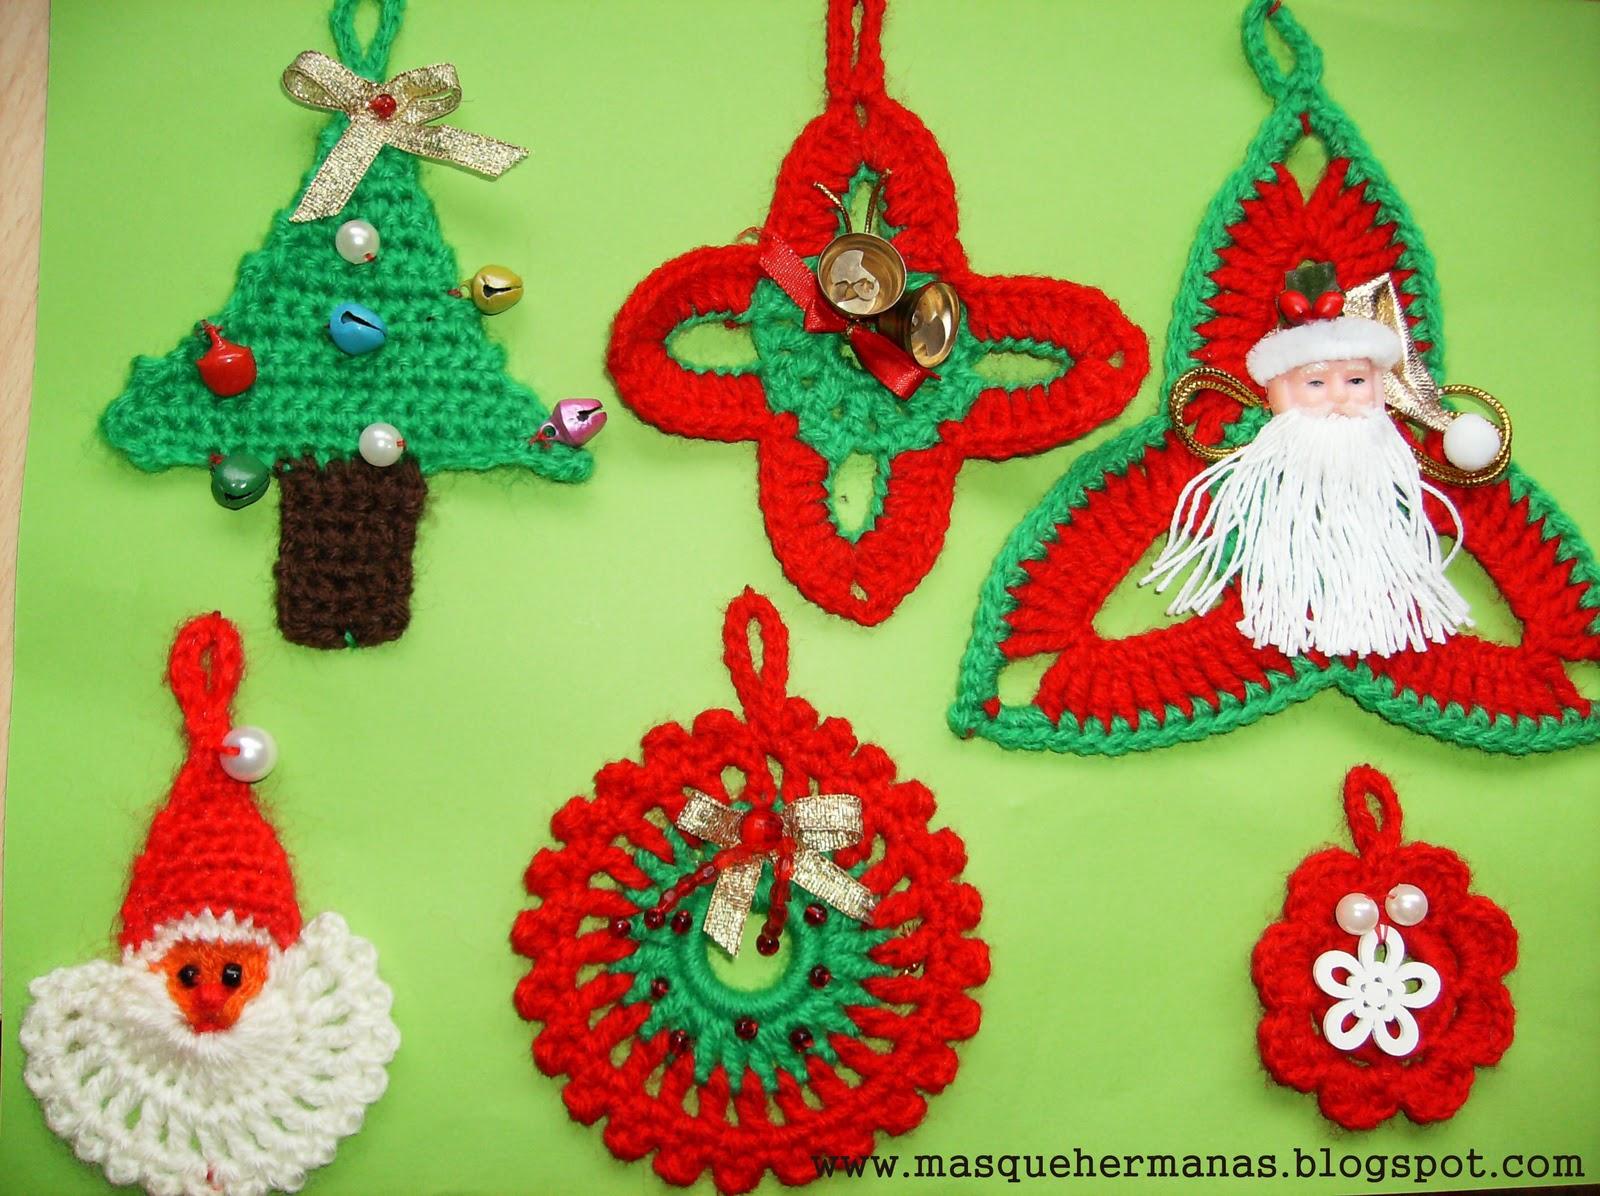 adornos navide os tejidos al crochet imagui